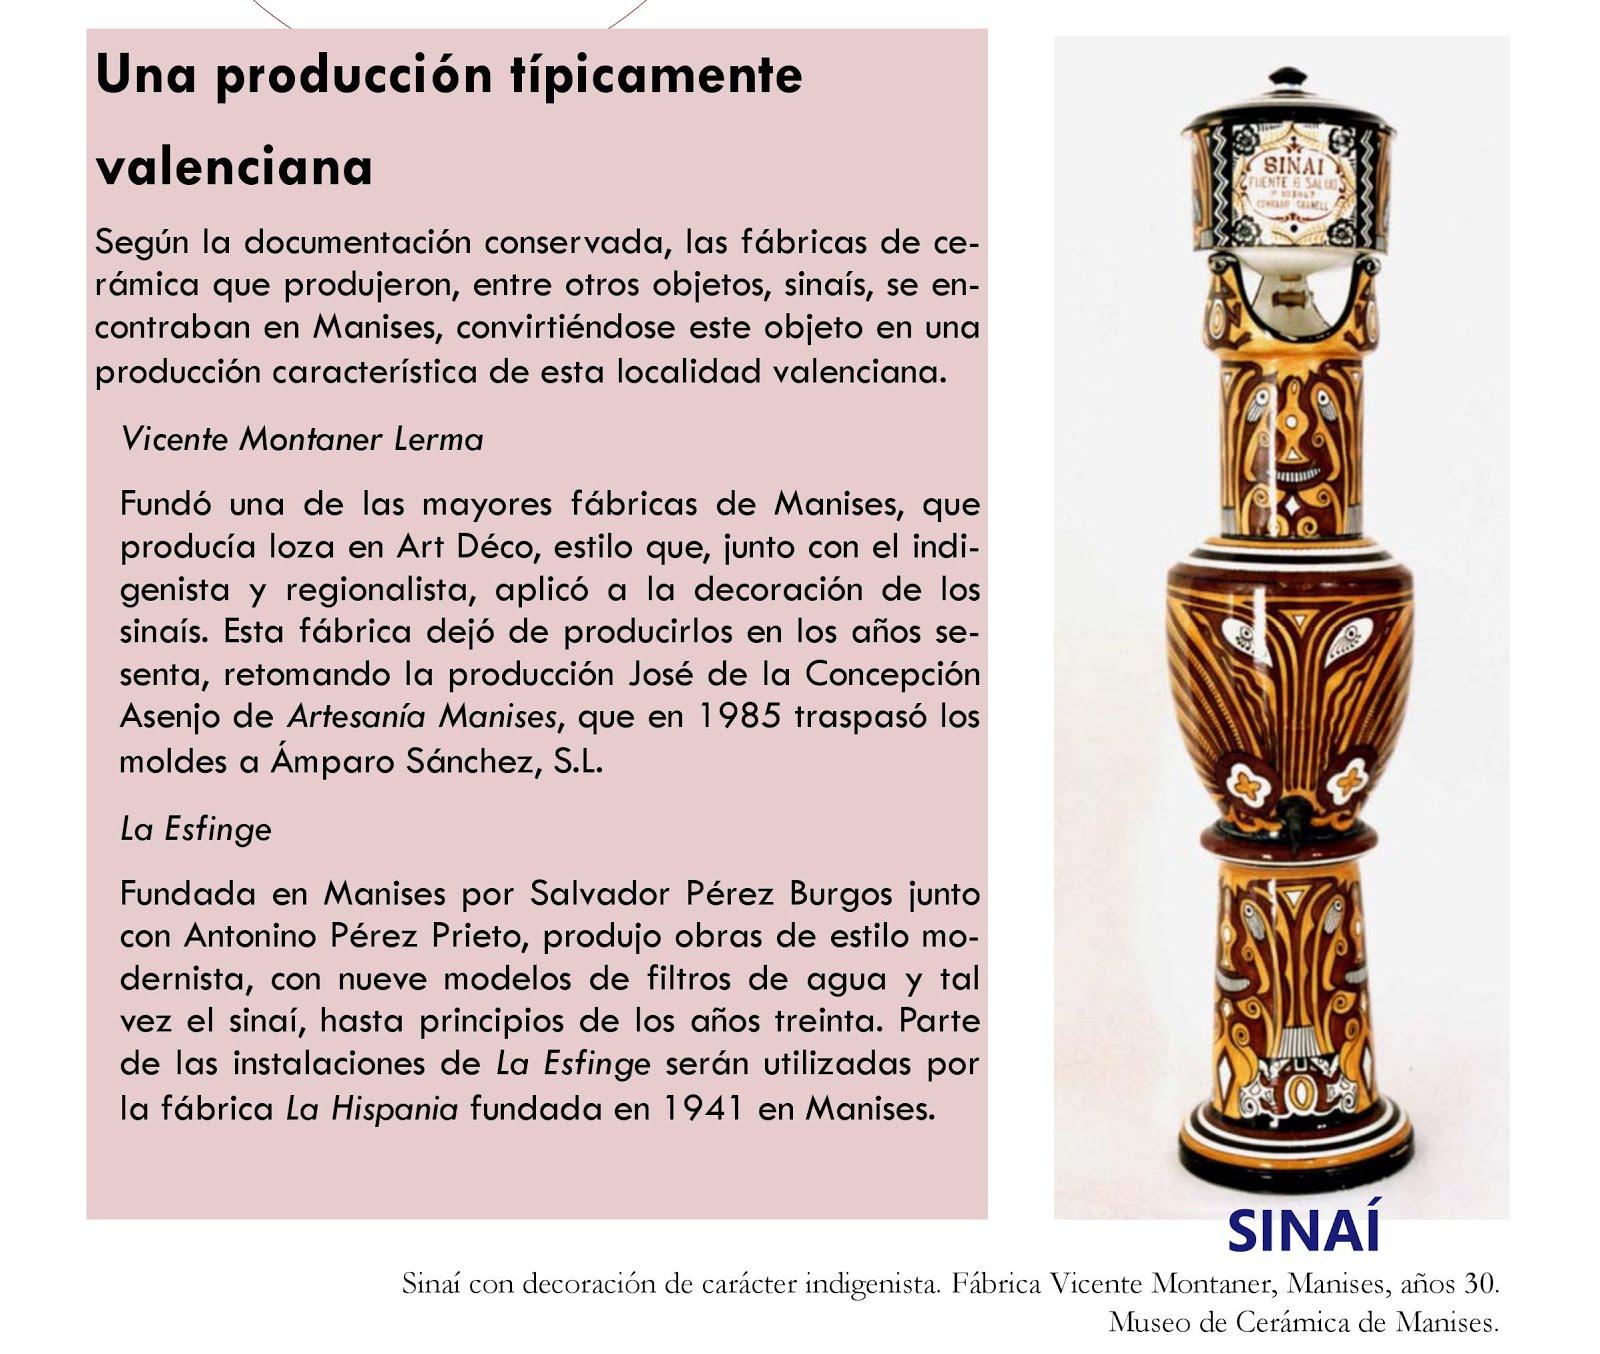 29.11.16 CERÁMICA TÍPICA DE MANISES: EL SINAÍ